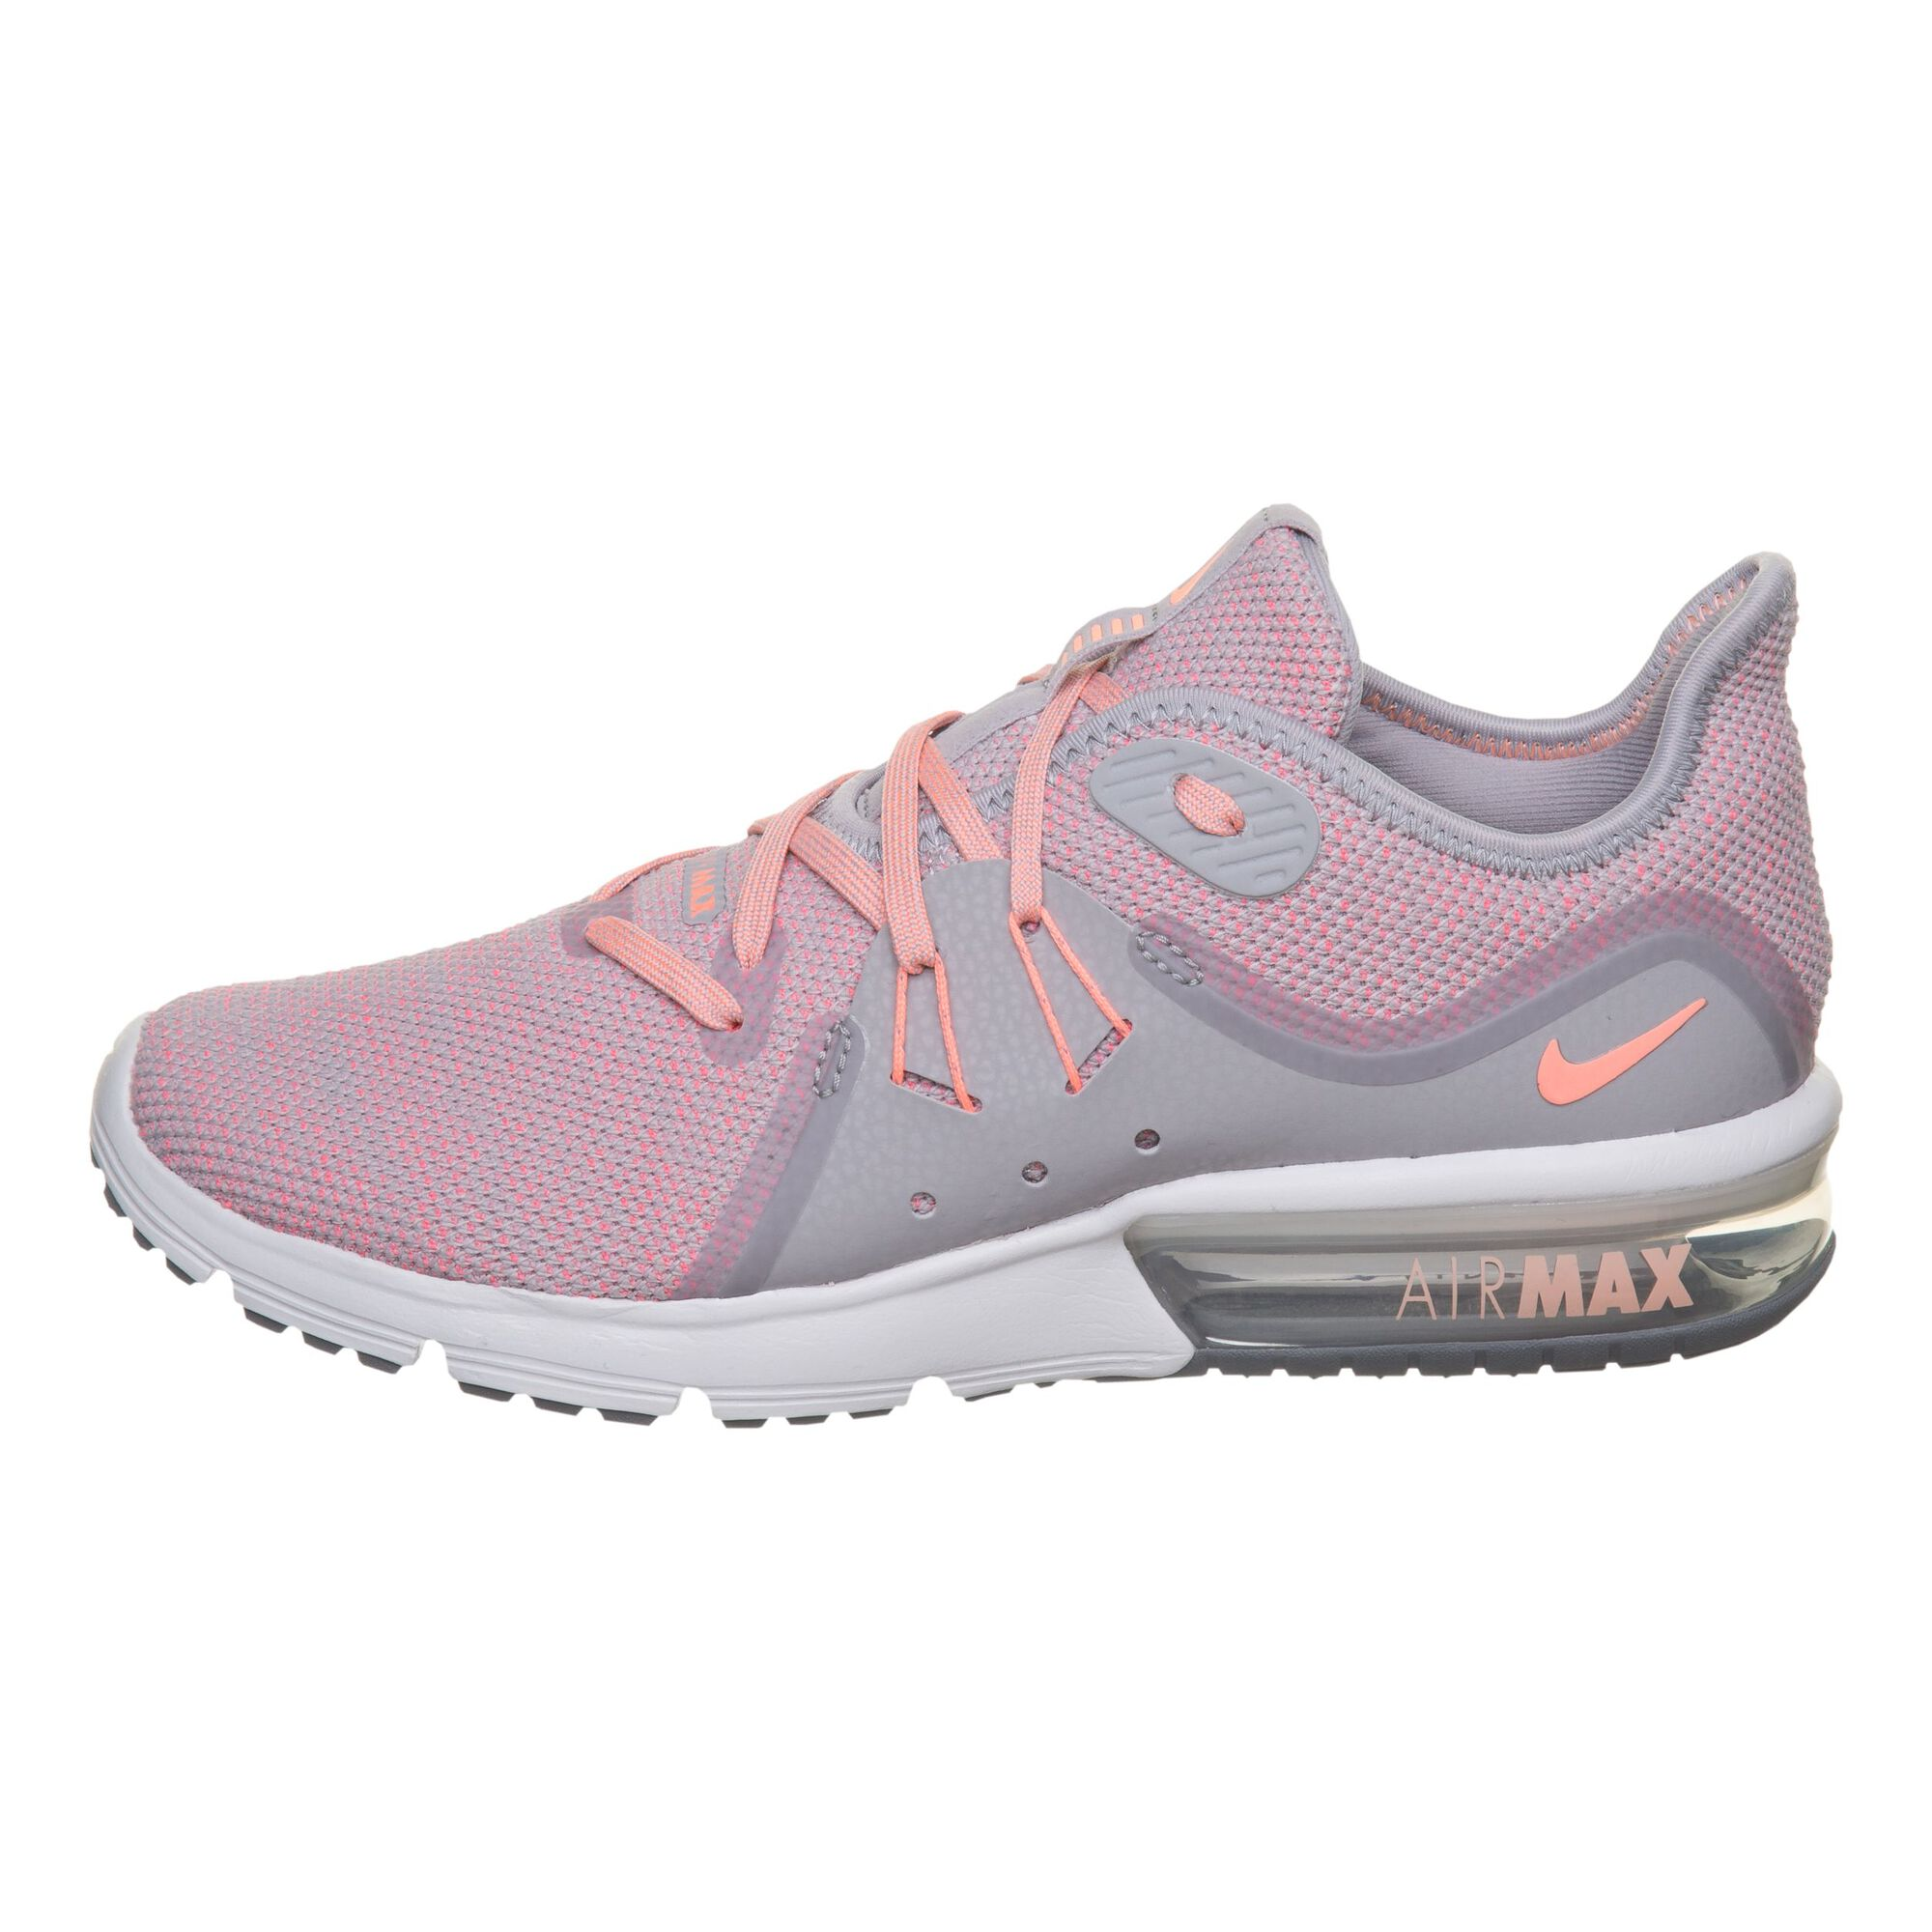 c0e260b7d7d8f2 Nike · Nike · Nike · Nike · Nike · Nike · Nike · Nike · Nike · Nike. Air  Max Sequent 3 Women ...